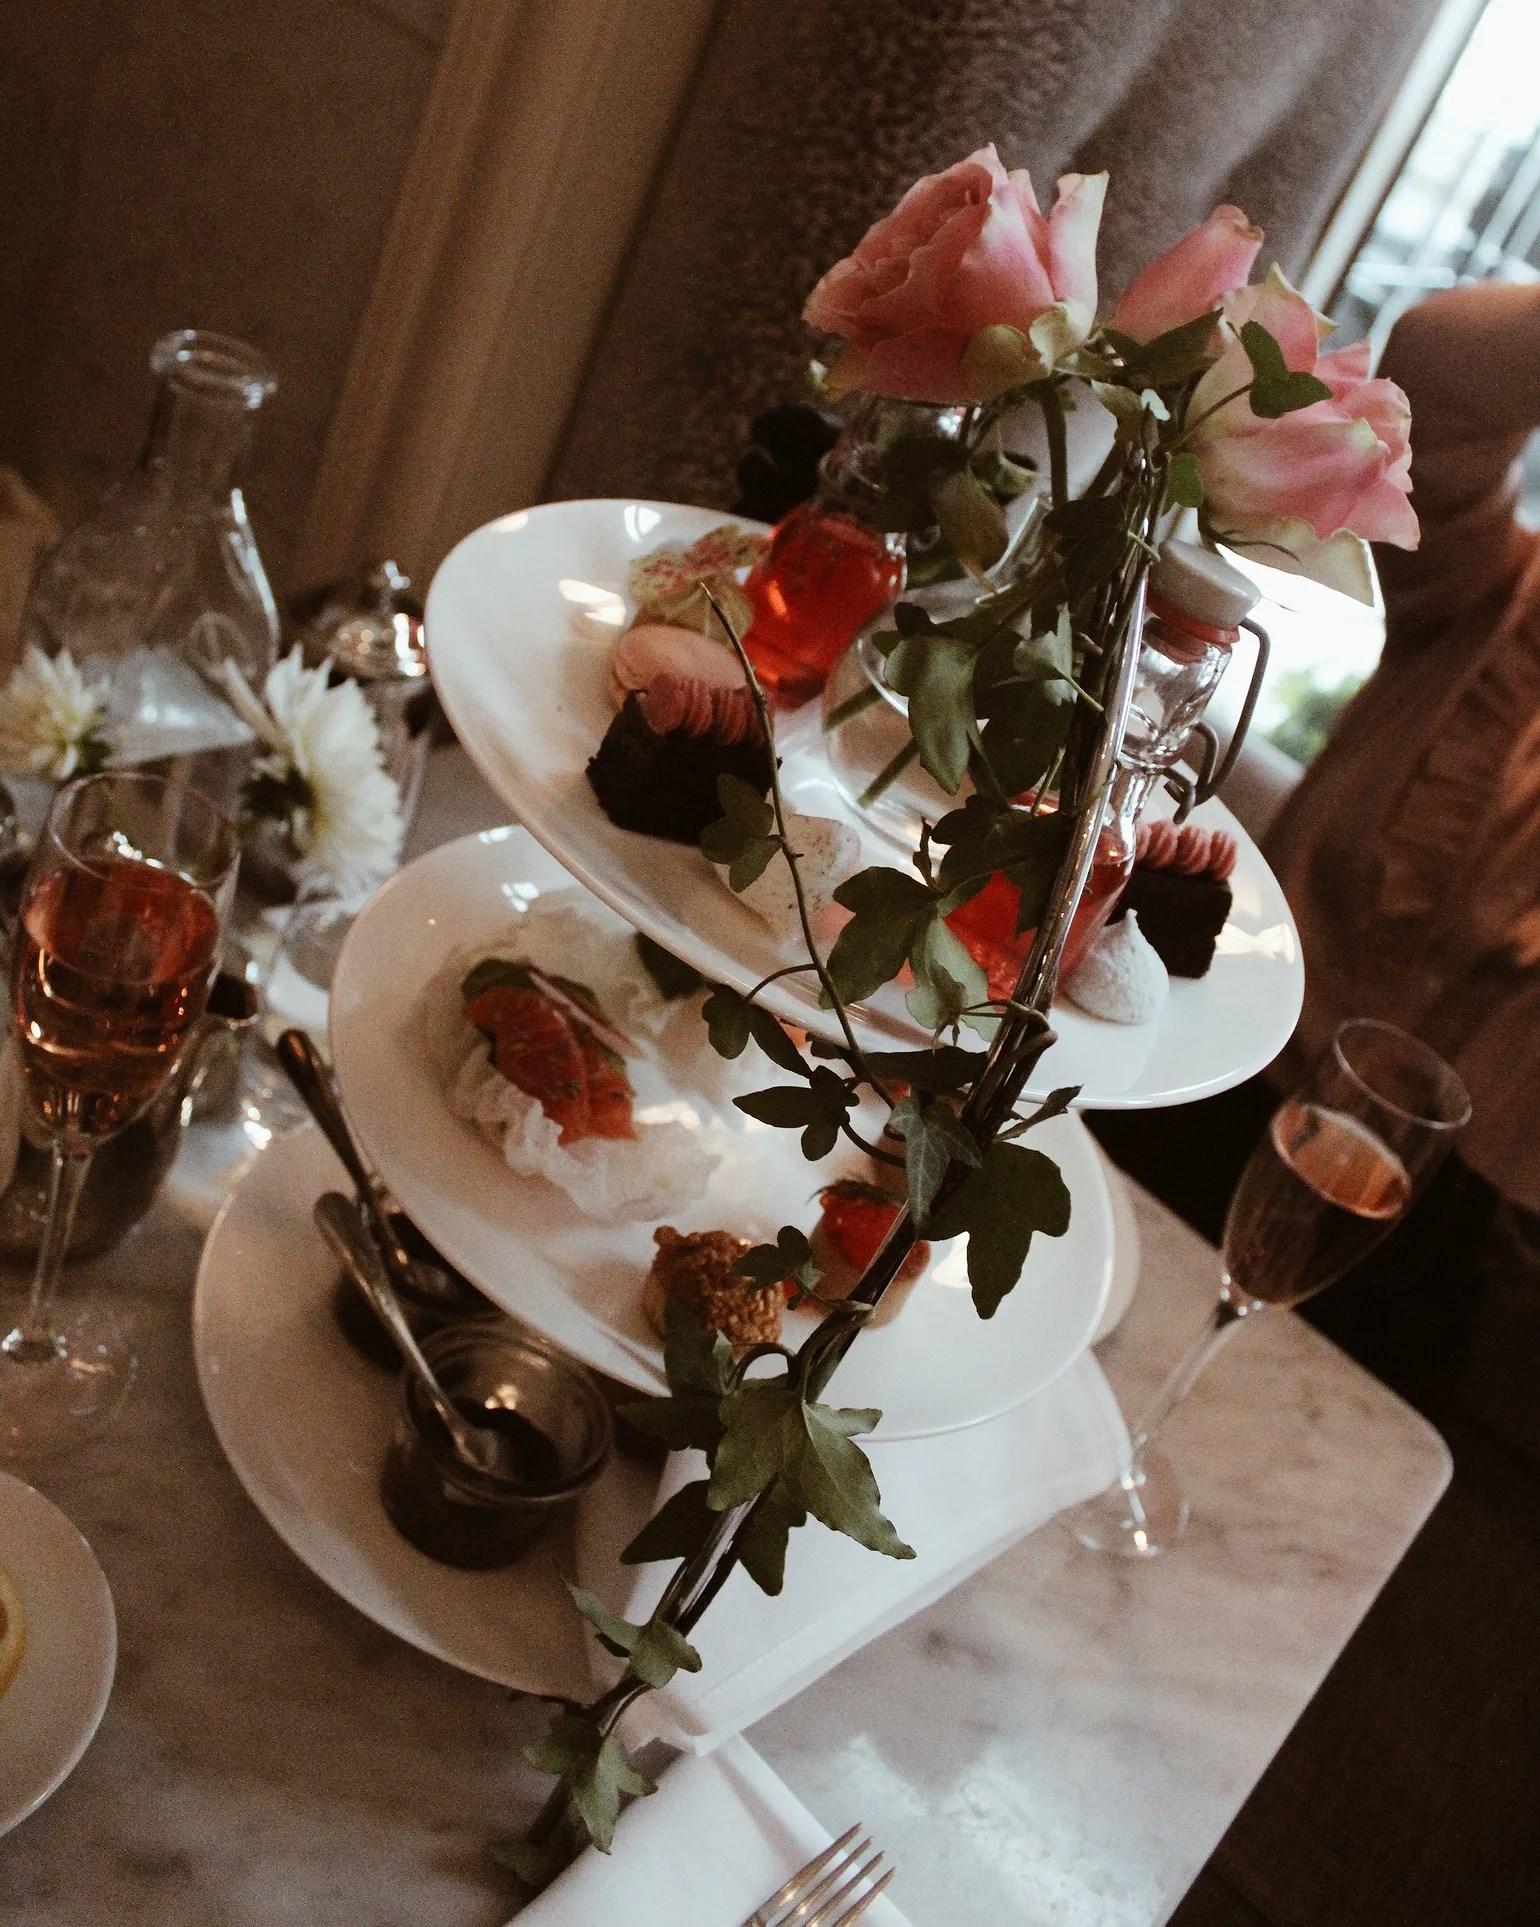 Afternoon Tea by Ida Sjöstedt